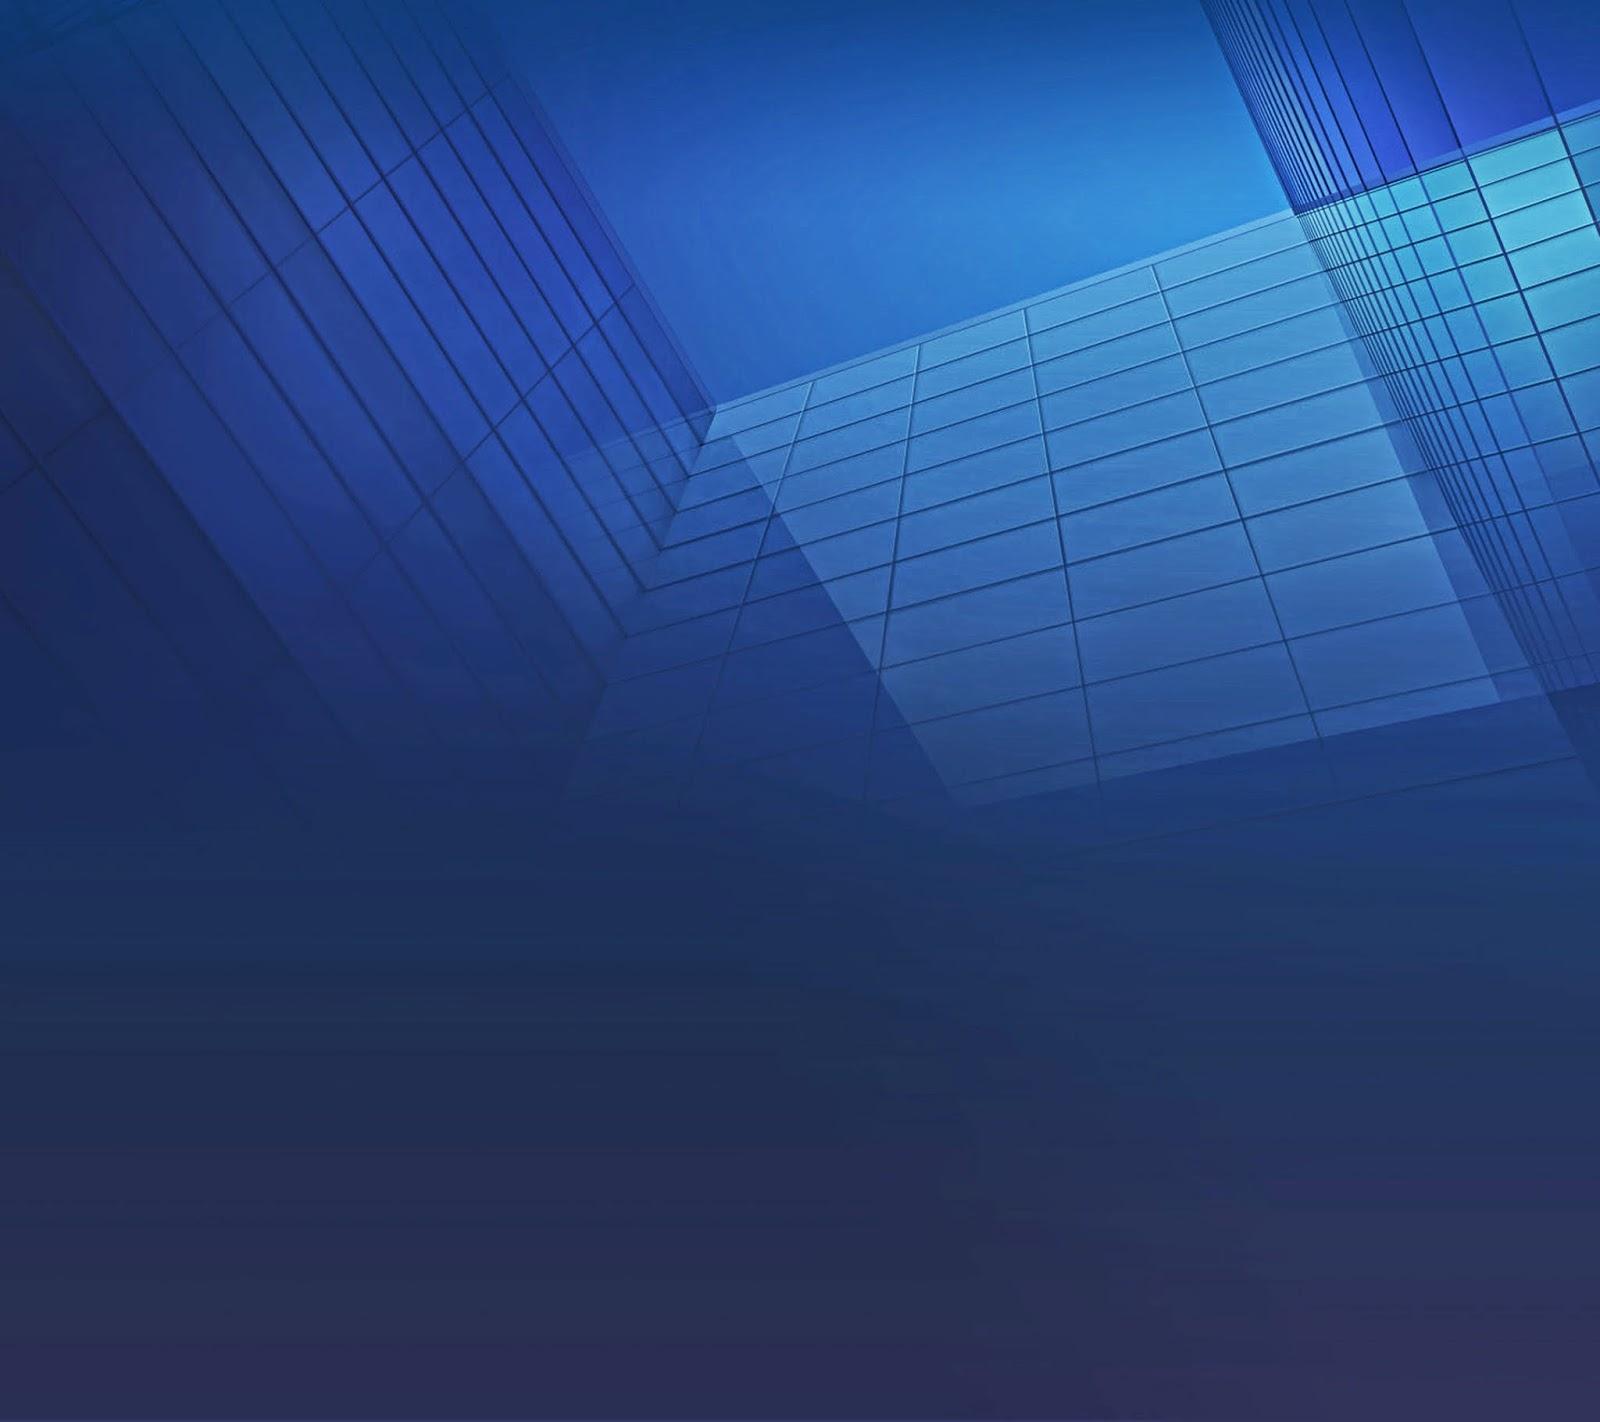 Redmi 1s Hd Wallpaper Miui V5 Xiaomi Miui Wallpapers Download